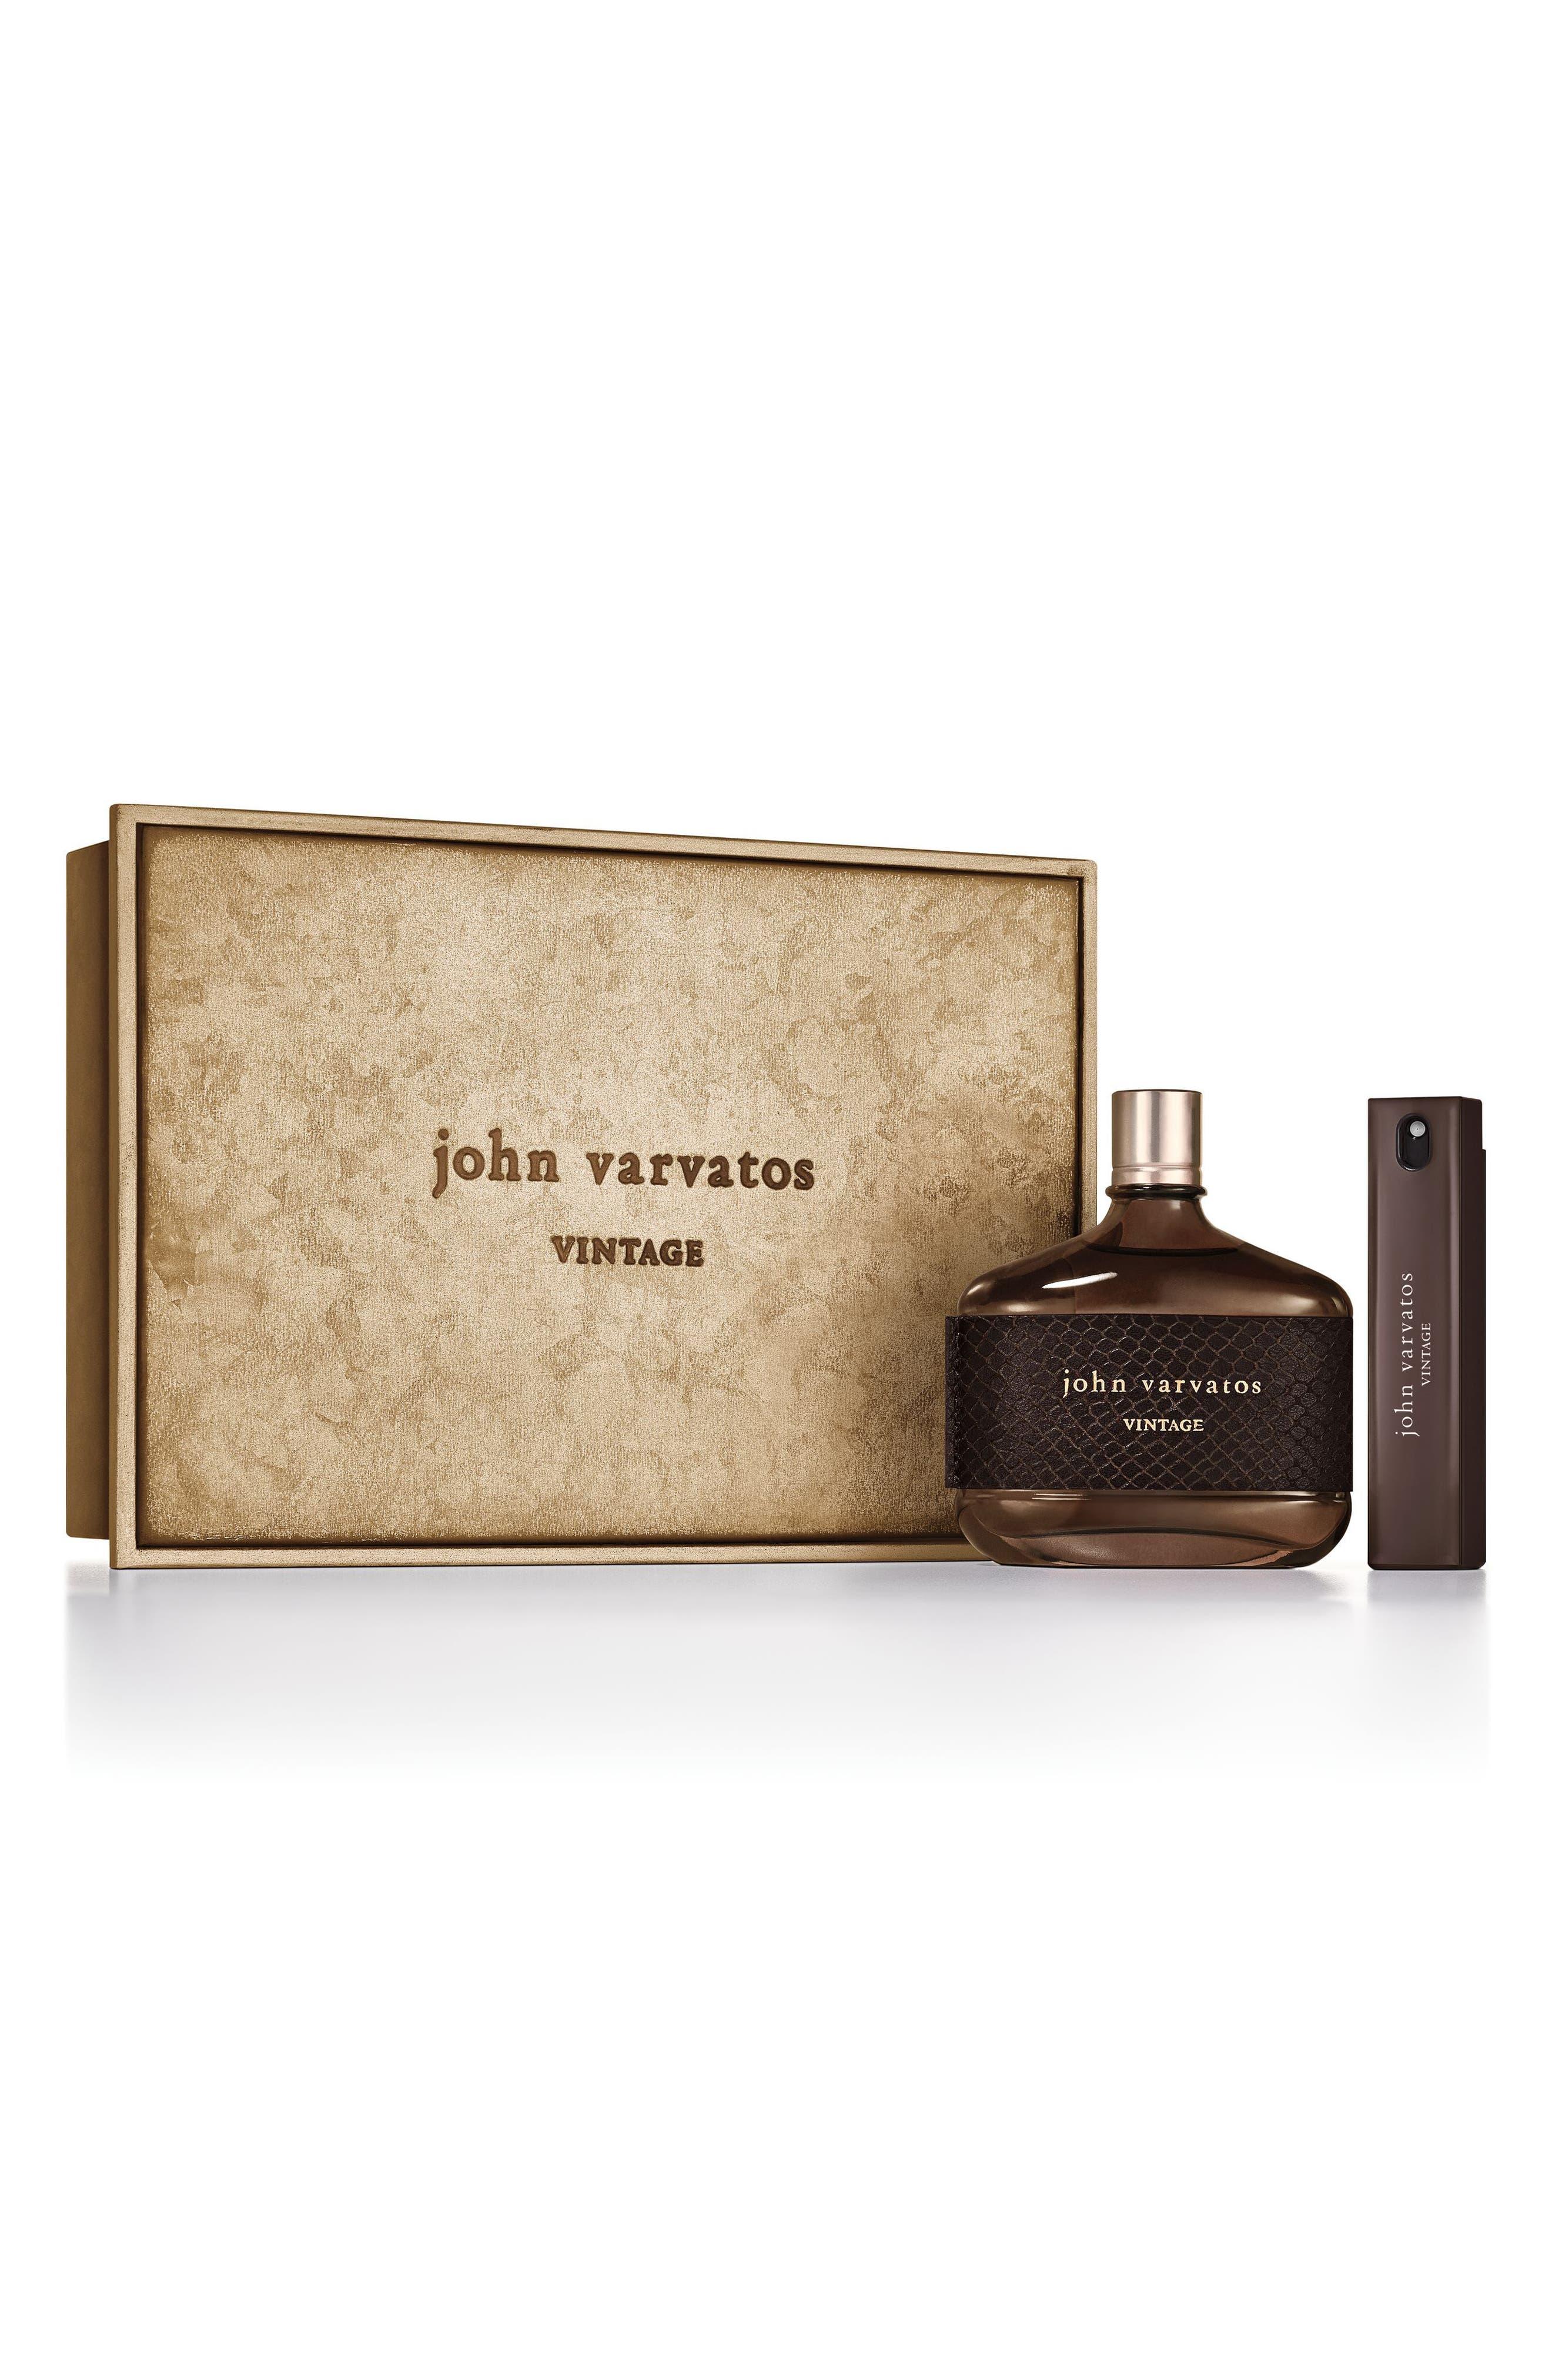 John Varvatos Vintage Eau De Toilette Set ($119 Value)